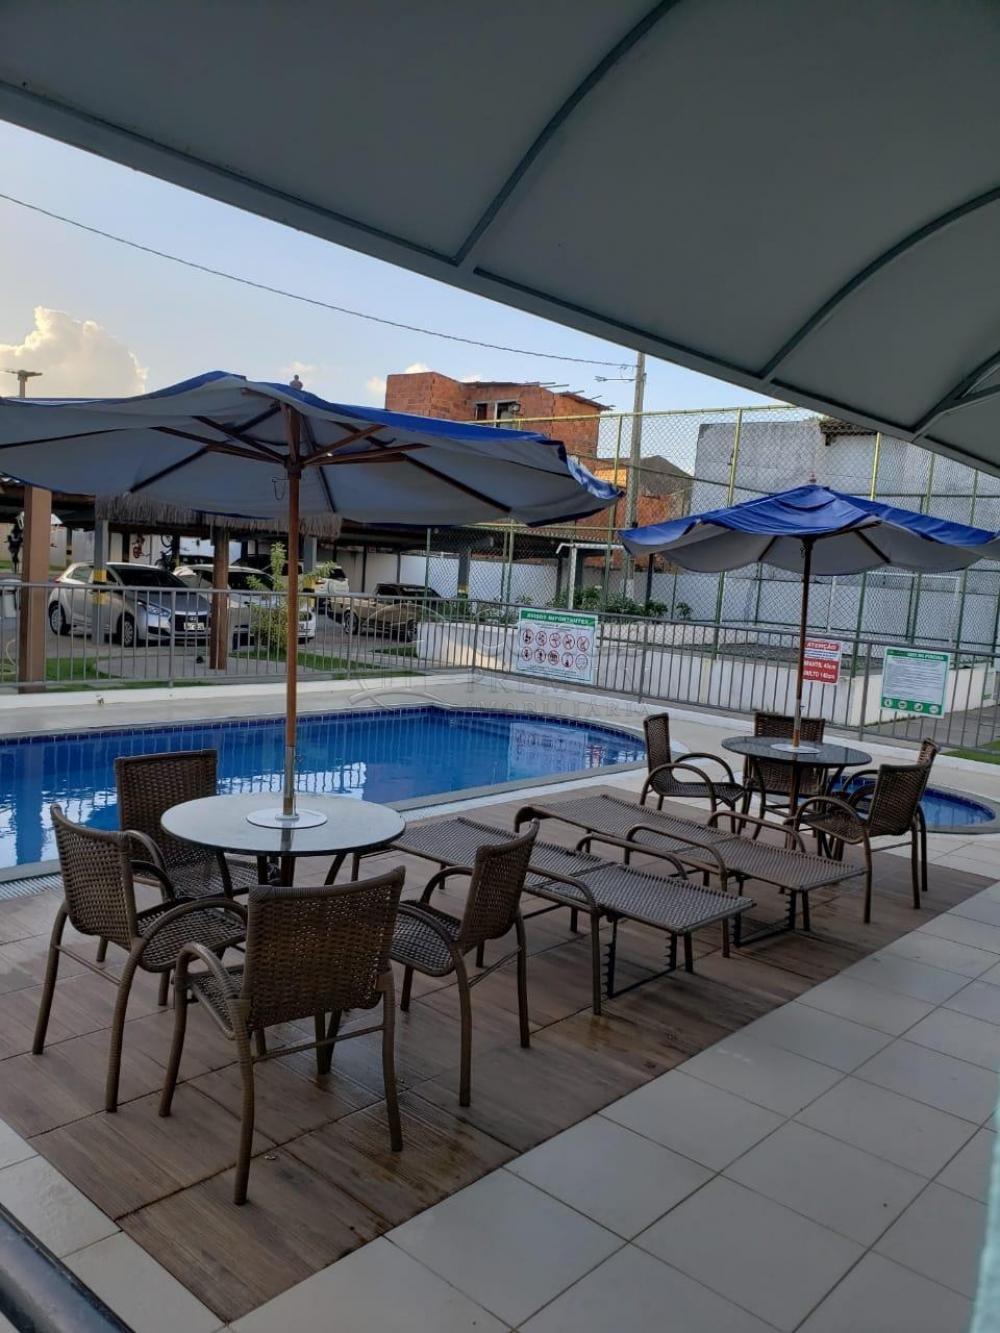 Comprar Apartamento / Padrão em Aracaju apenas R$ 115.000,00 - Foto 13